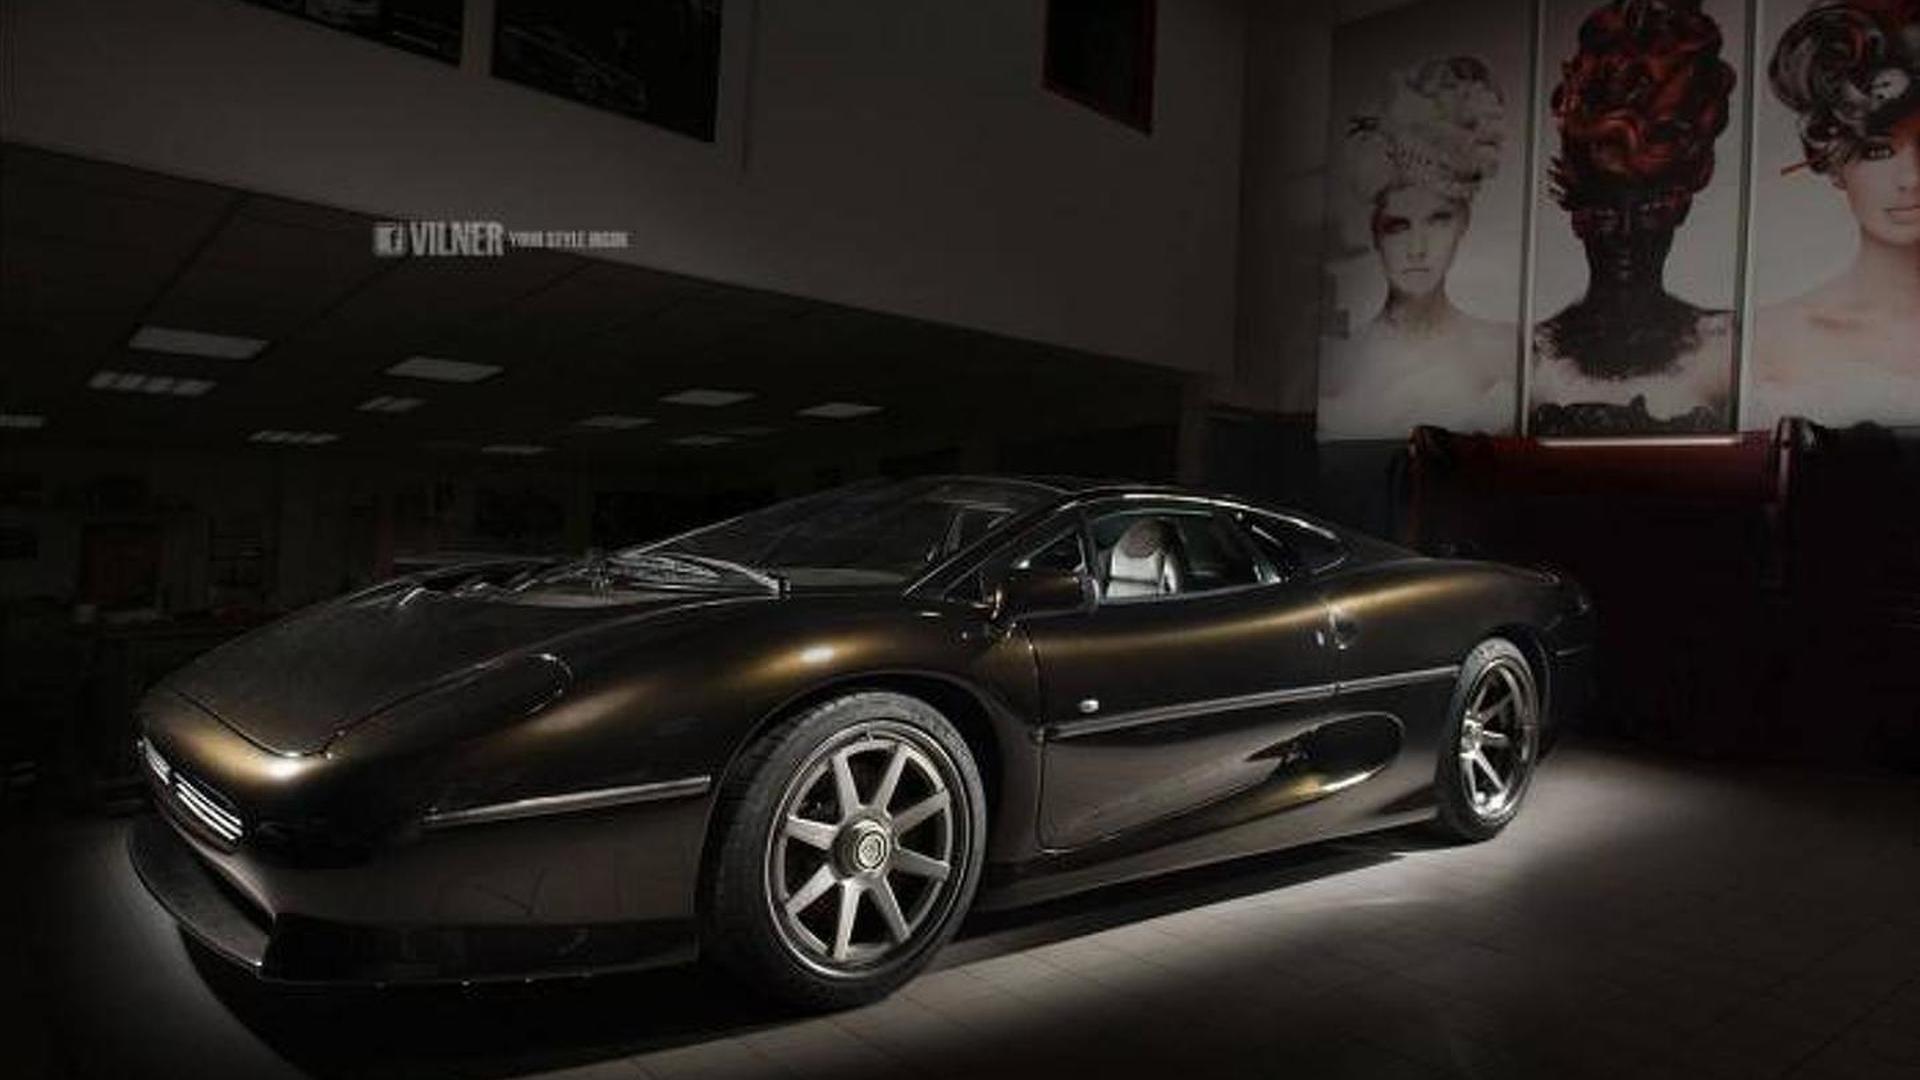 Vilner Jaguar Xj220 601489